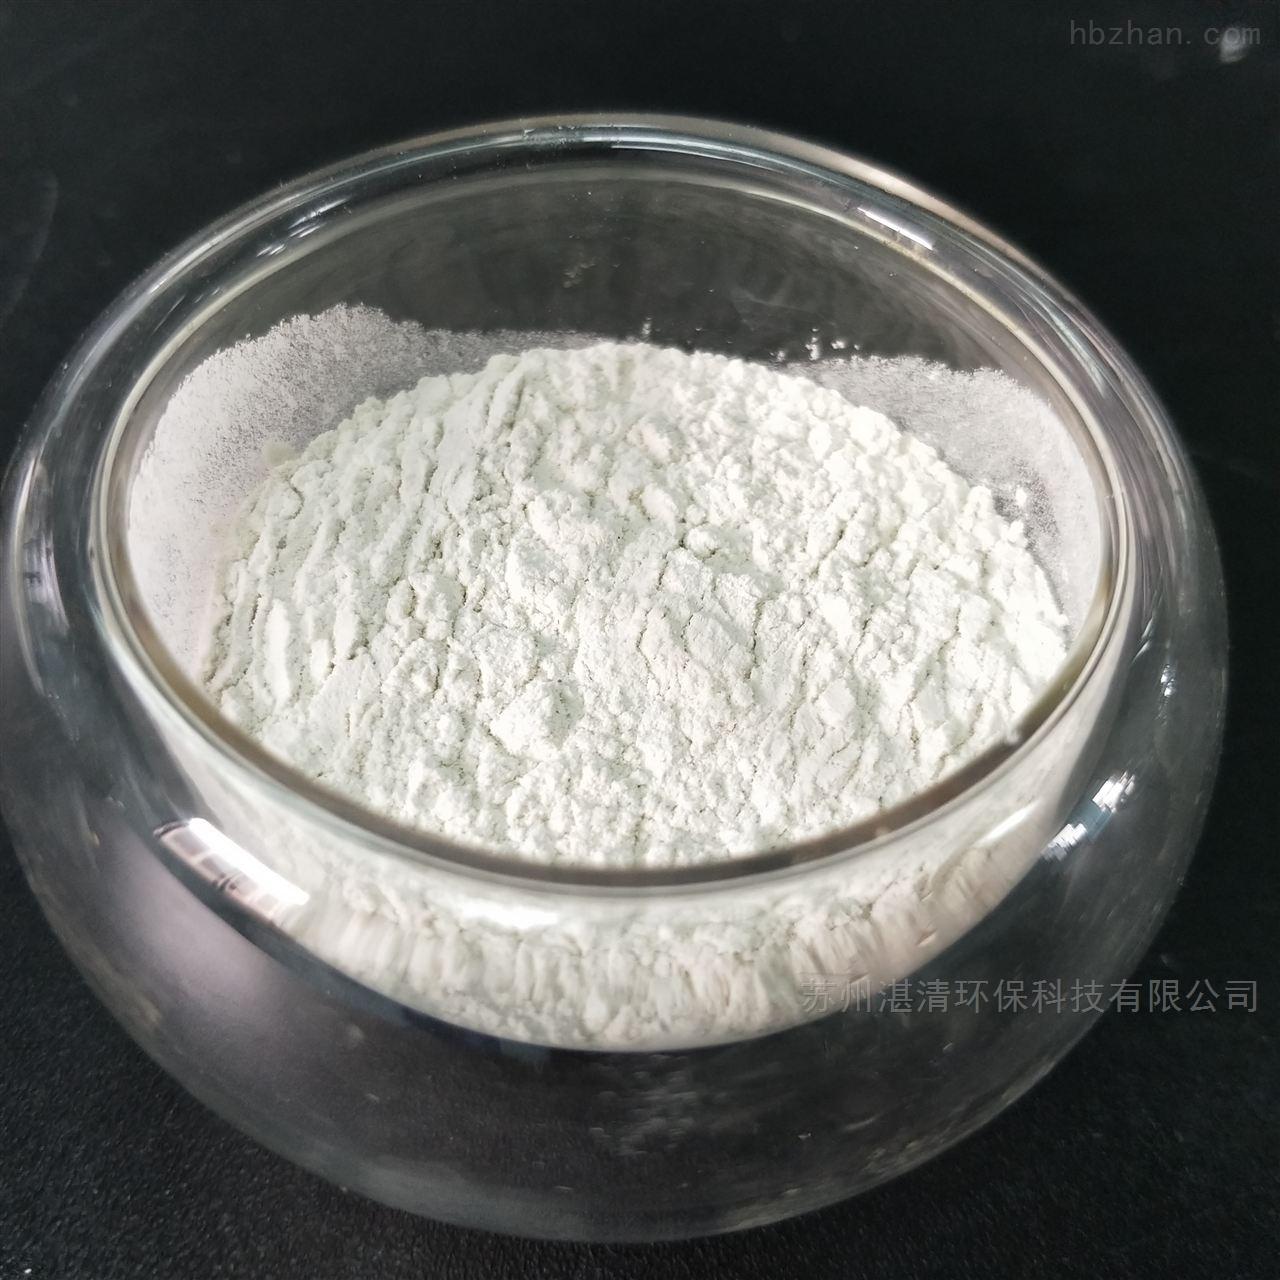 次亚磷酸盐废水处理剂HMC-P3除磷剂